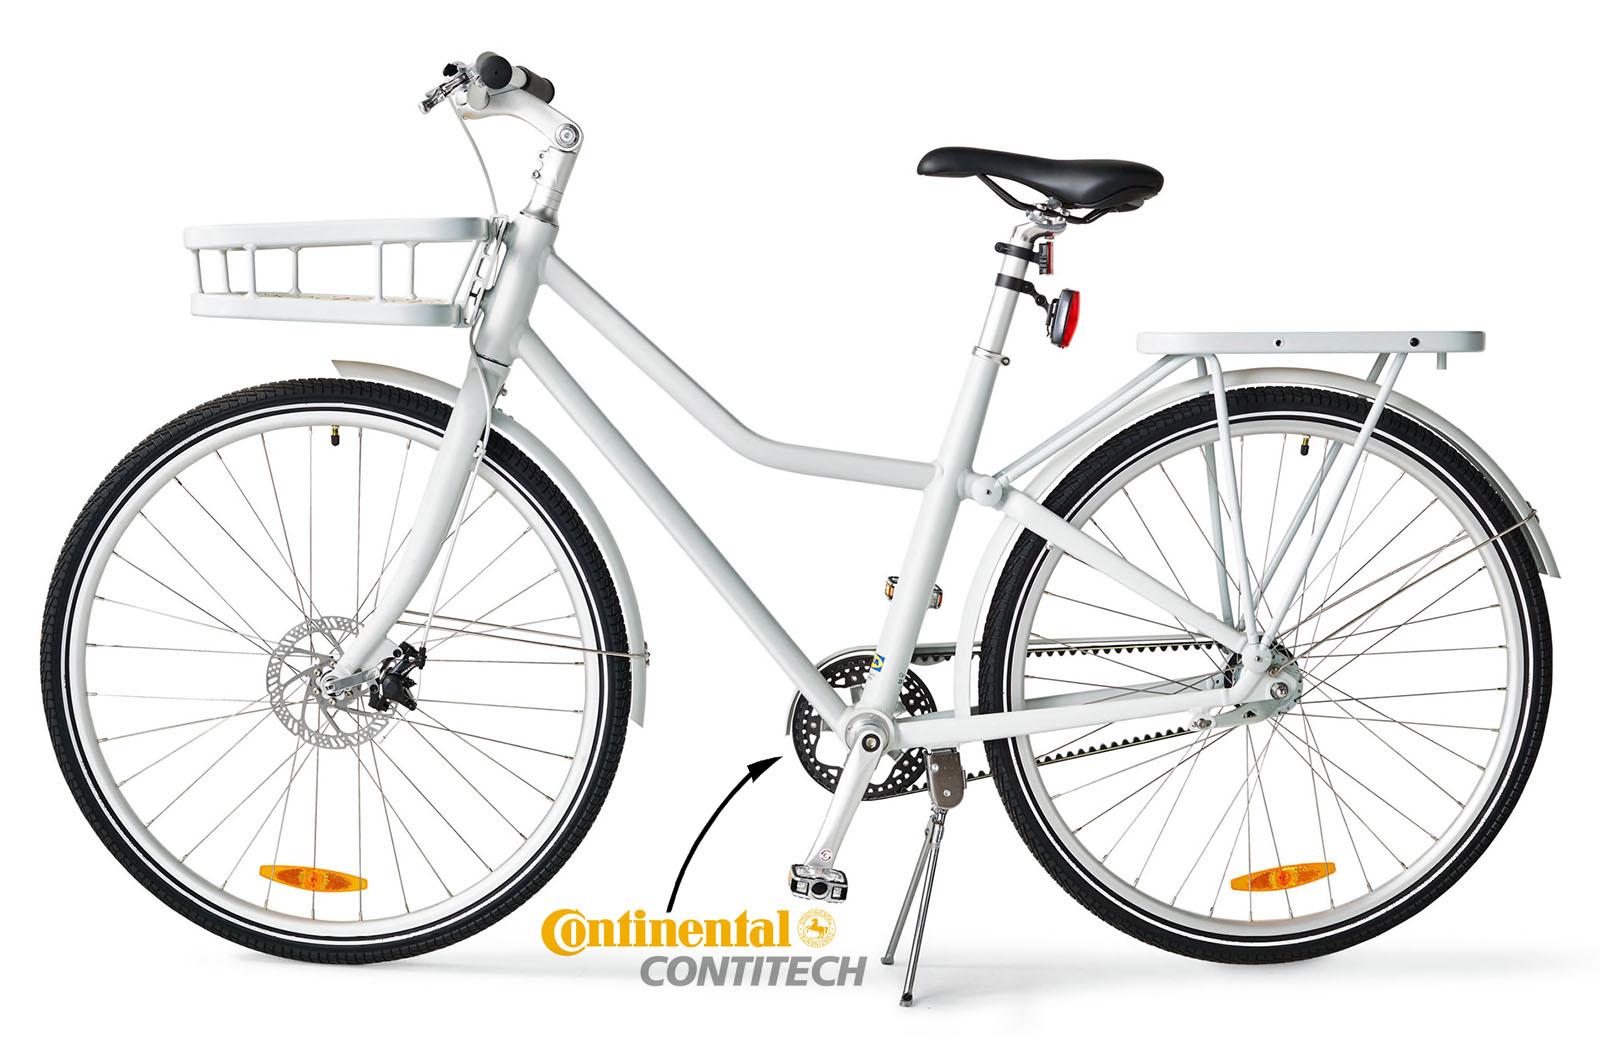 Ikea Sladda fiets Continental tandriem